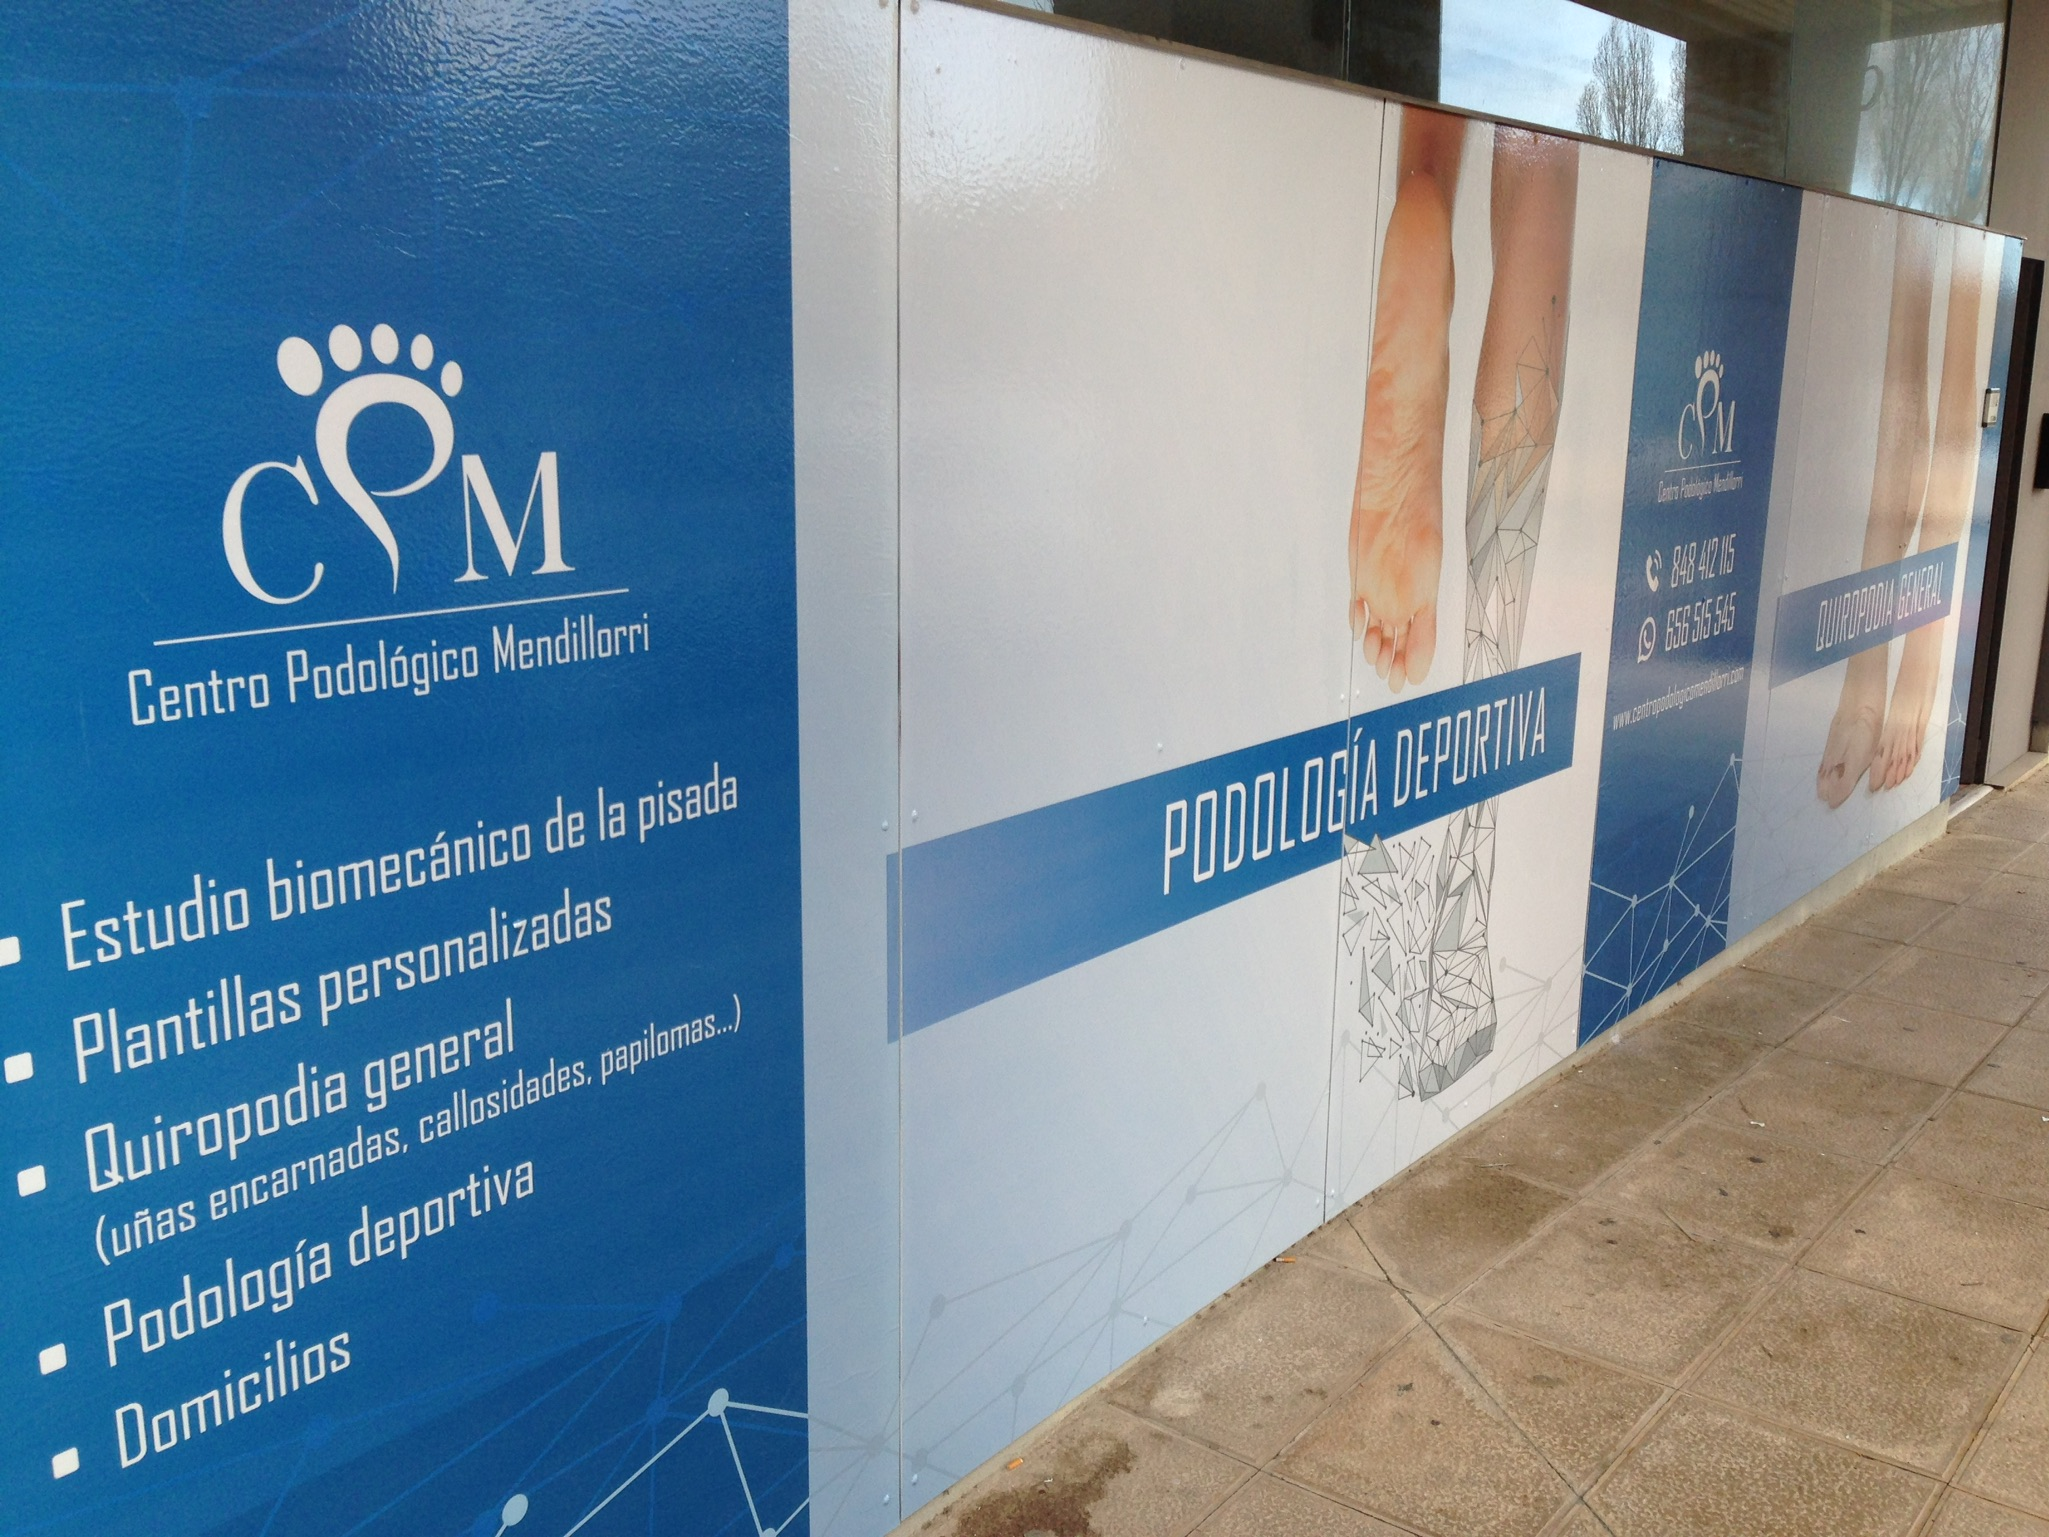 Apertura Centro Podológico Mendillorri Podología Deportiva